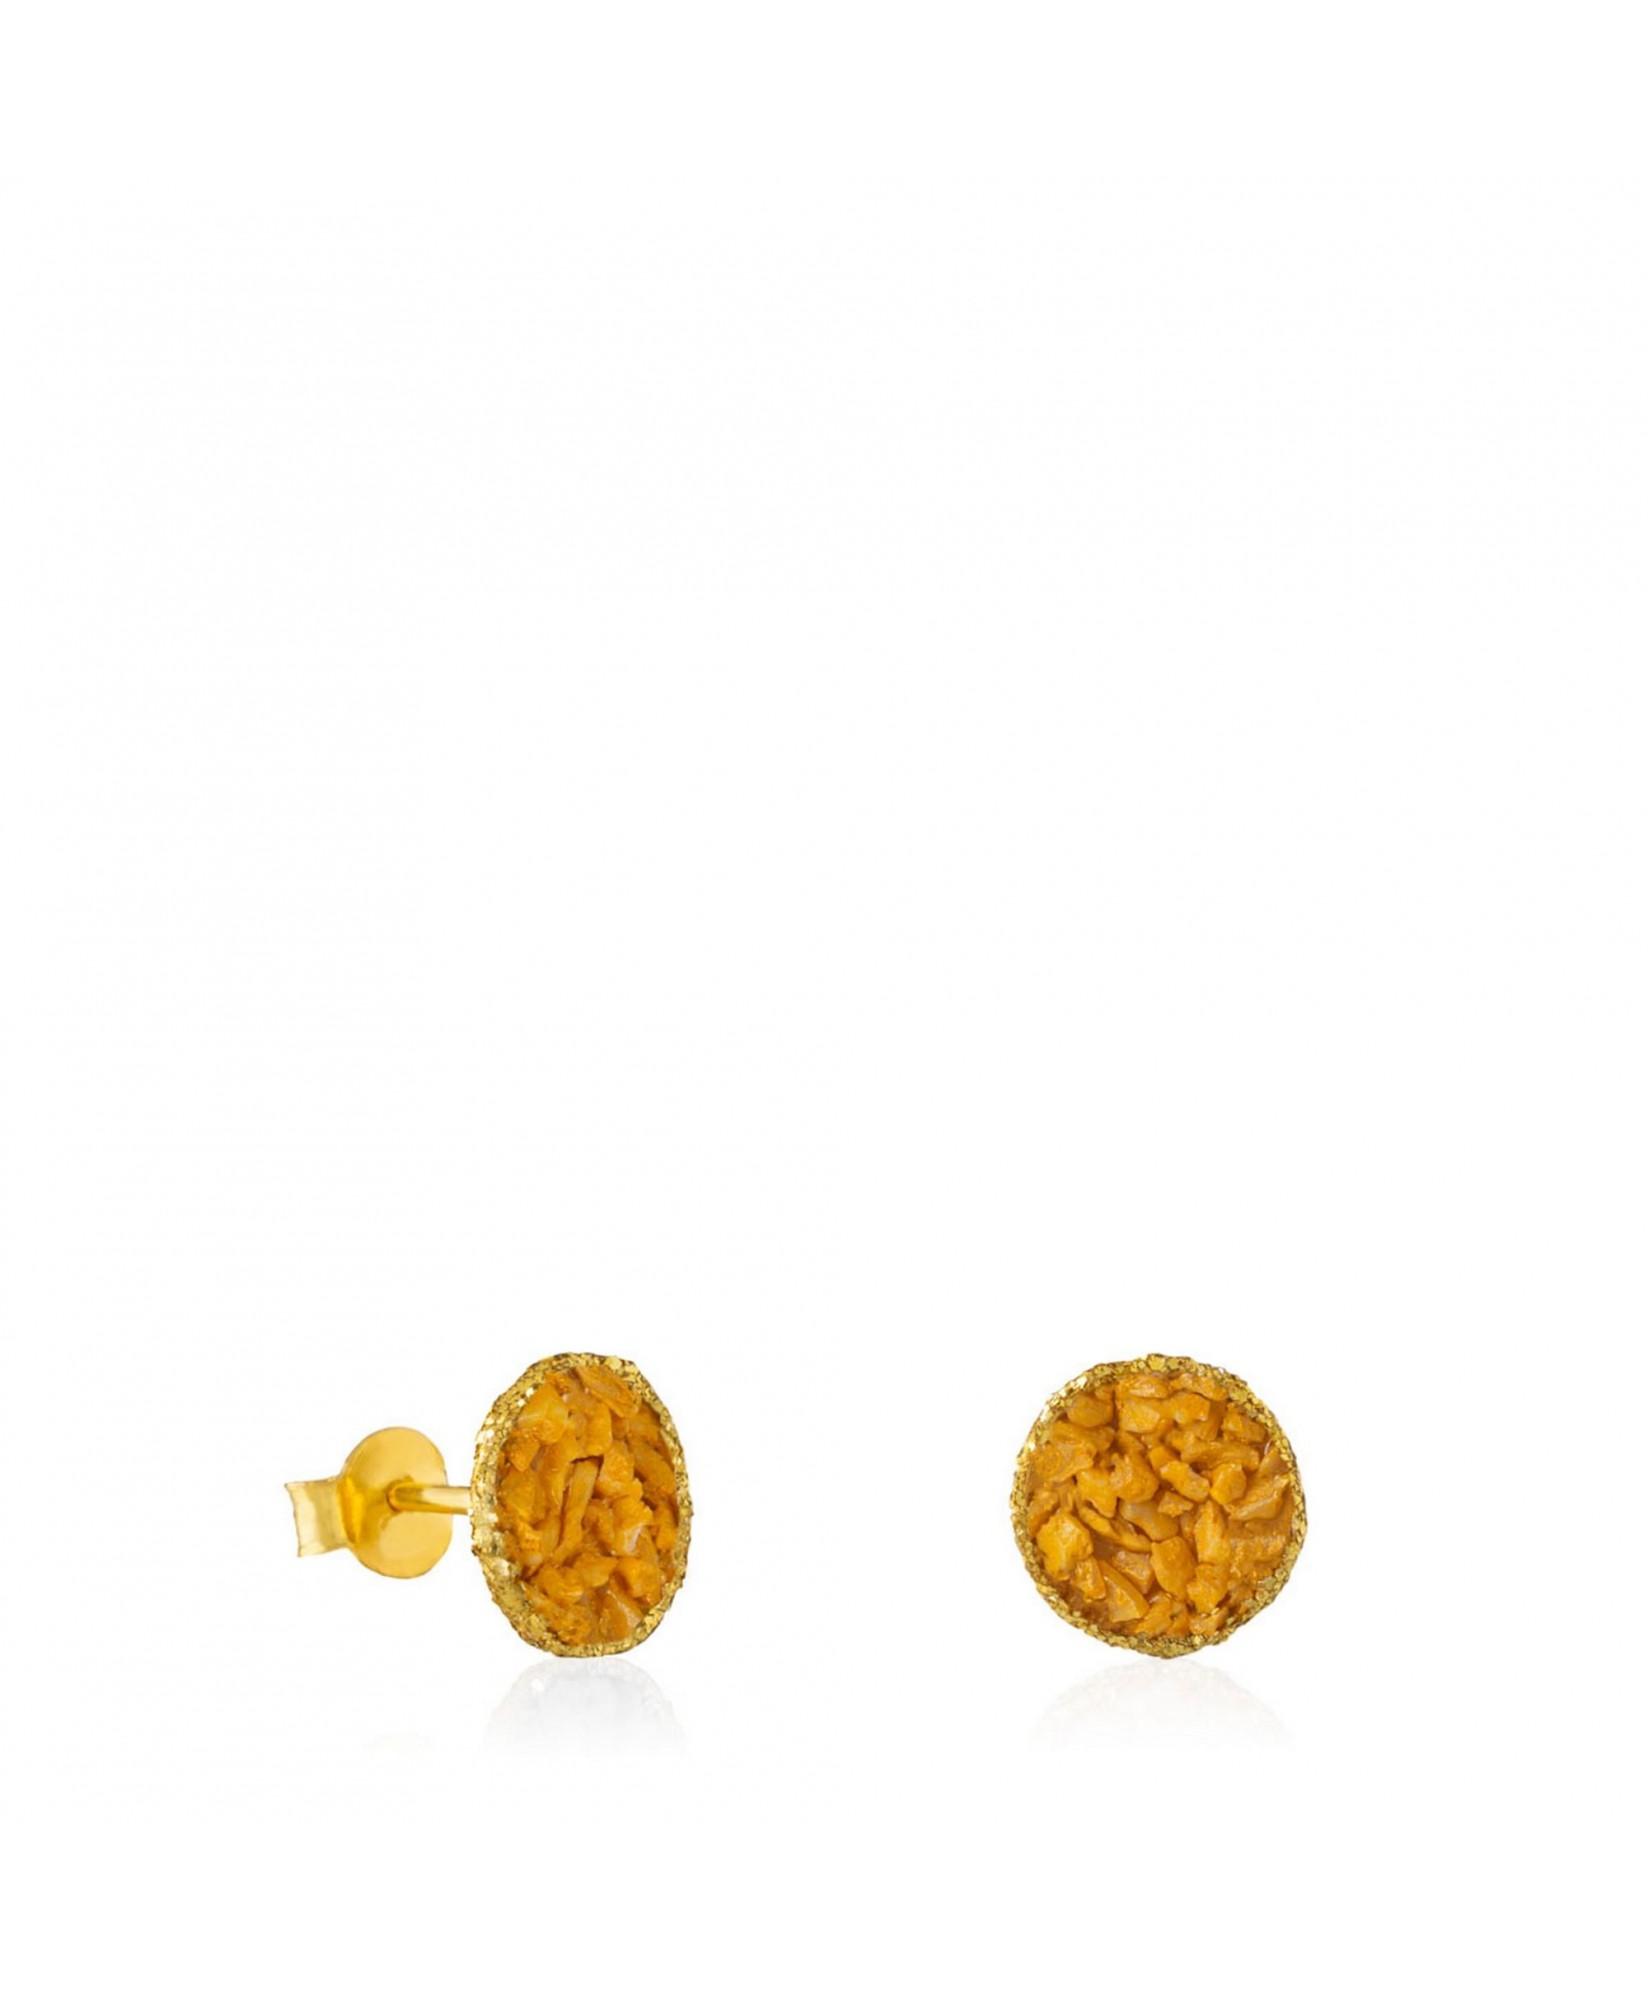 Pendientes dormilonas medianas oro Sand con nácar color mostaza Pendientes dormilonas medianas oro Sand con nácar color mostaza